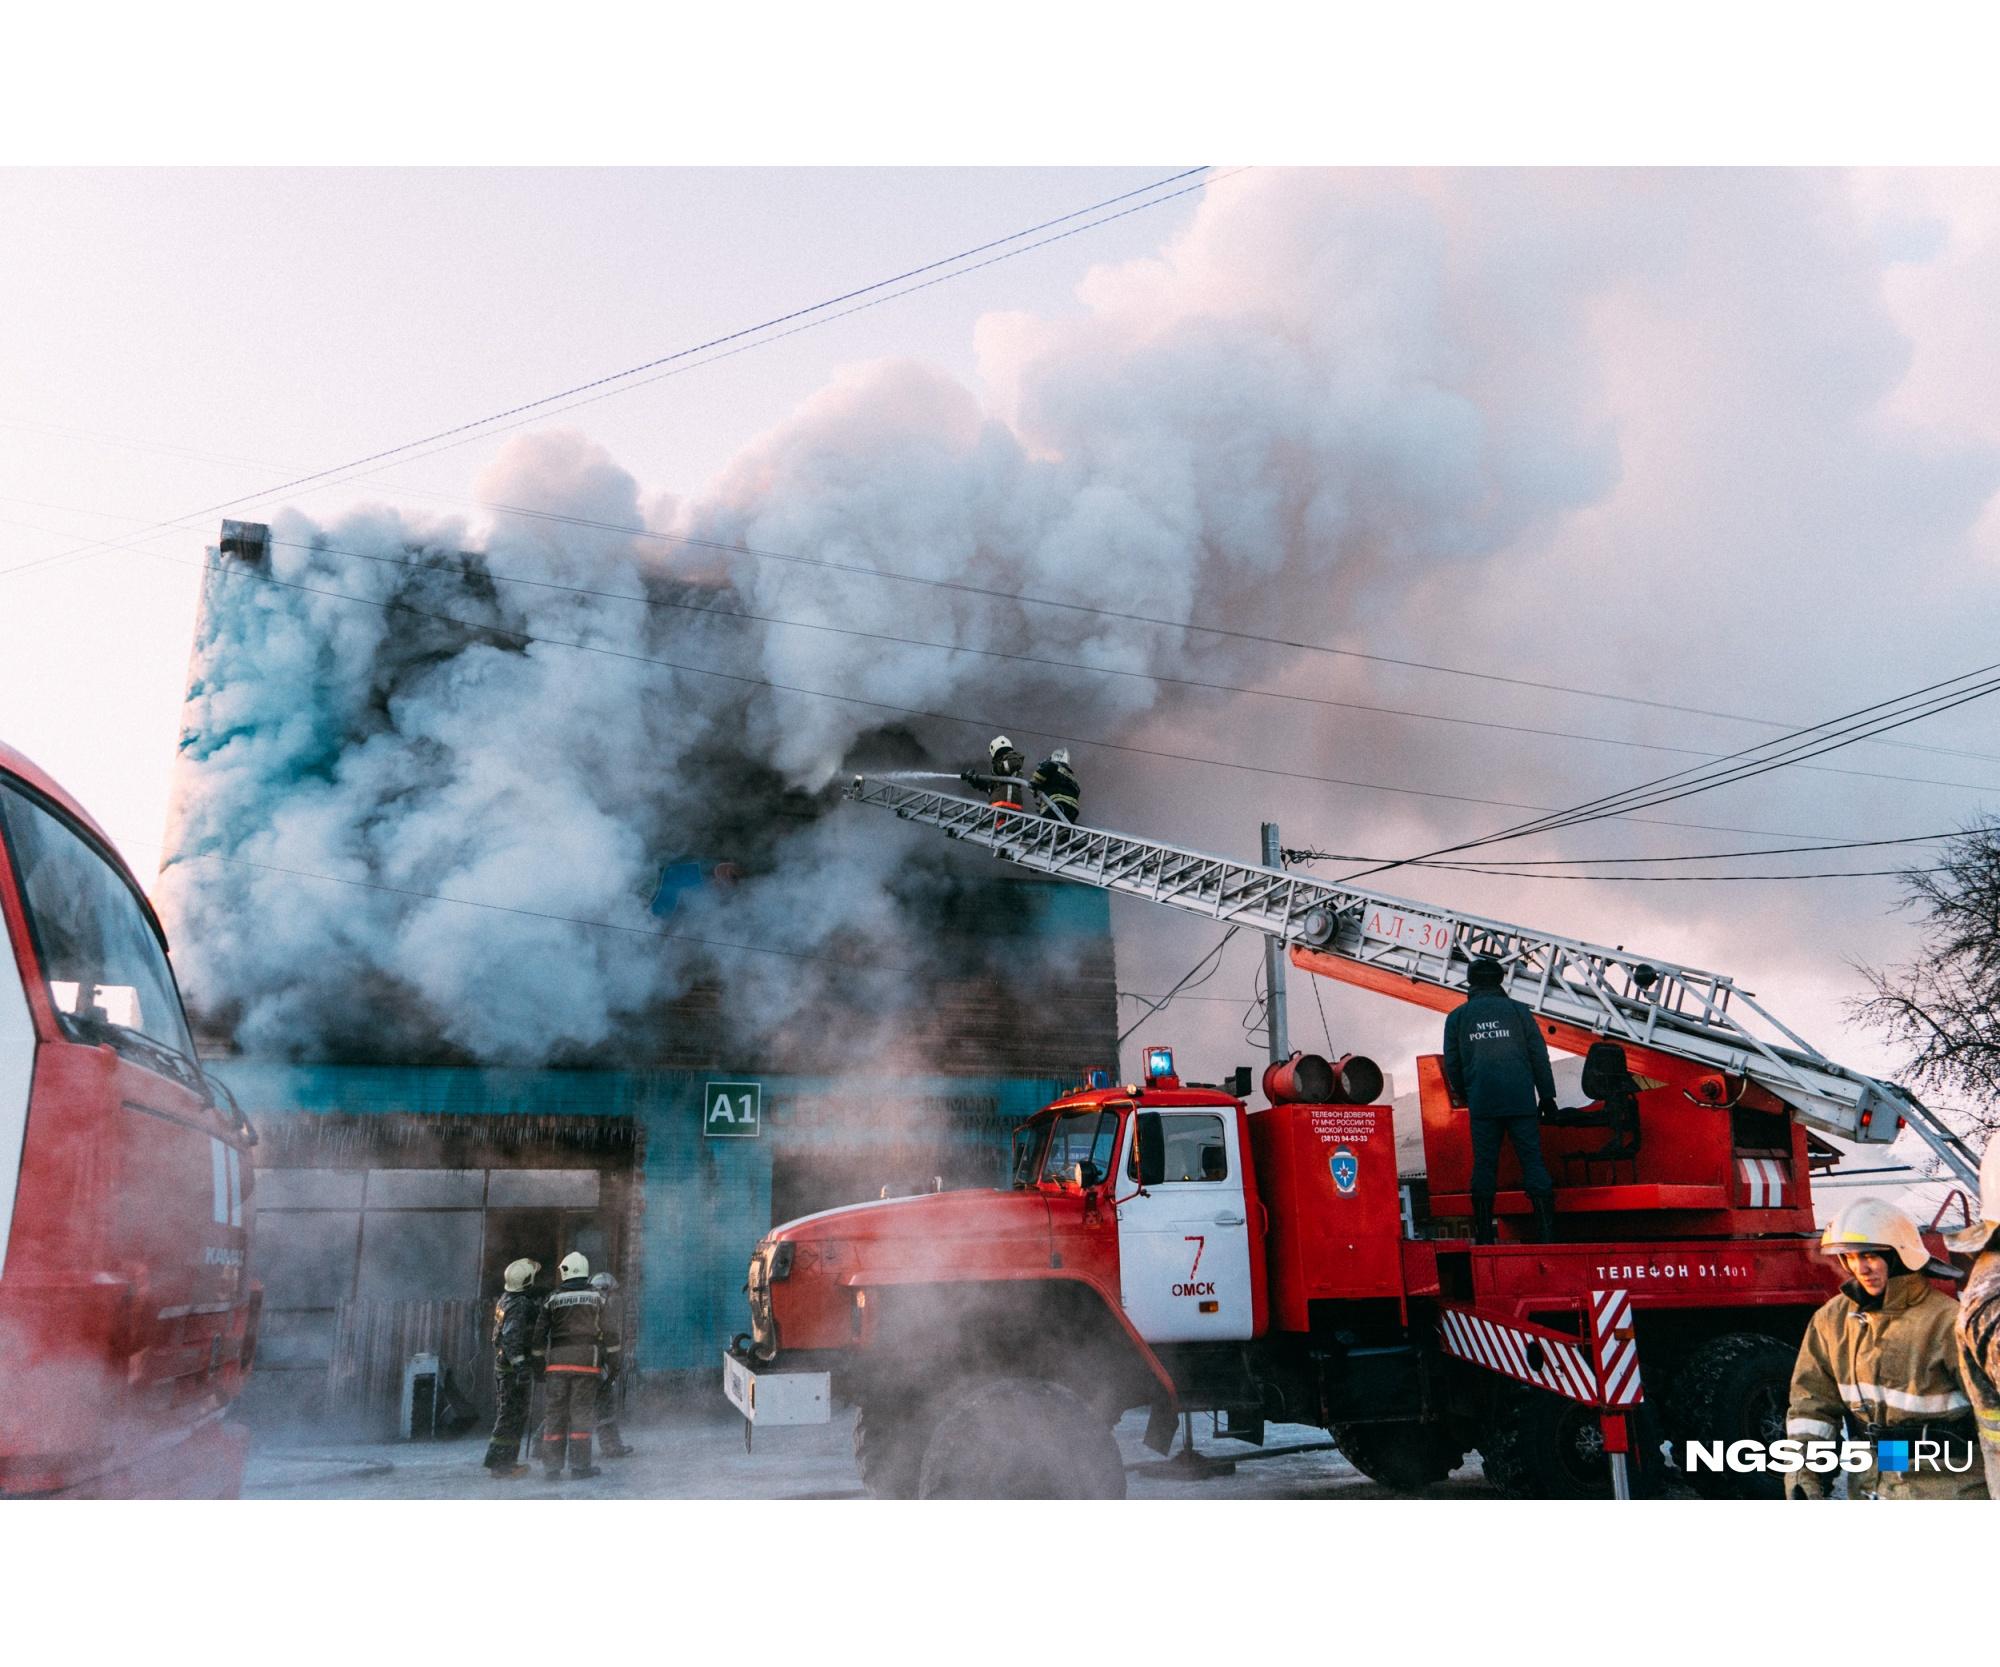 """Поскольку пожару&nbsp;присвоили повышенный ранг, на место происшествия пригнали огромное количество техники — <nobr class=""""_"""">23 машины</nobr>, а тушили огонь <nobr class=""""_"""">96 сотрудников</nobr> МЧС"""